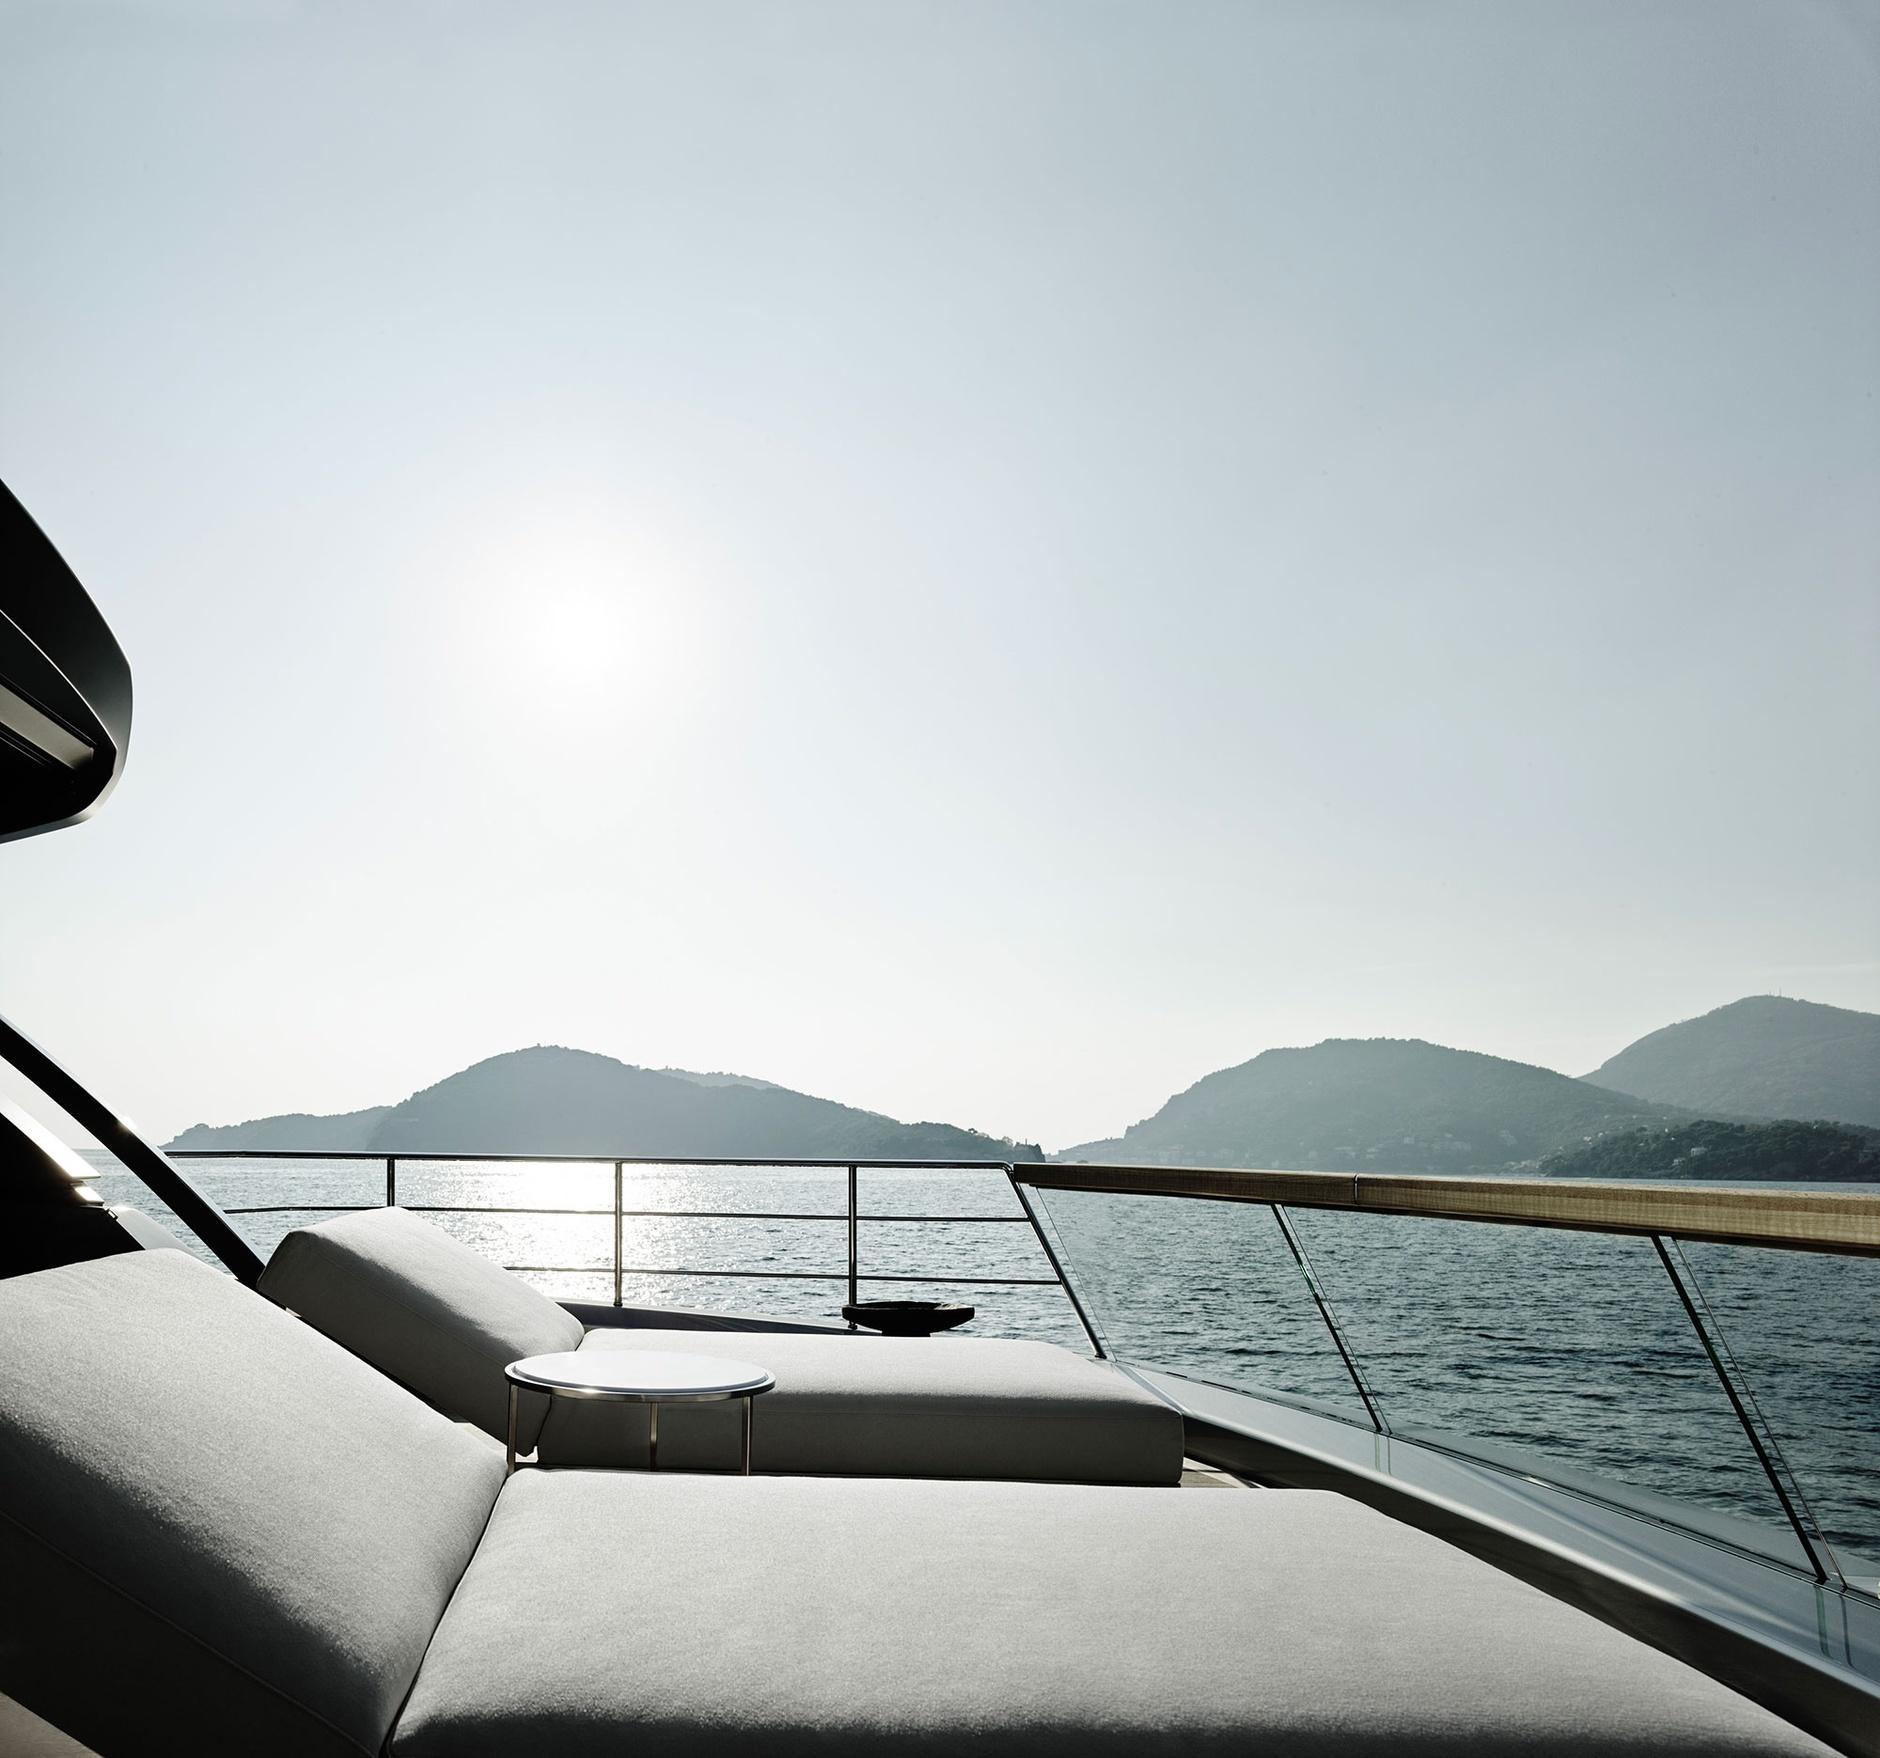 Лофт с видом на море: новая яхта по дизайну Пьеро Лиссони (галерея 4, фото 1)